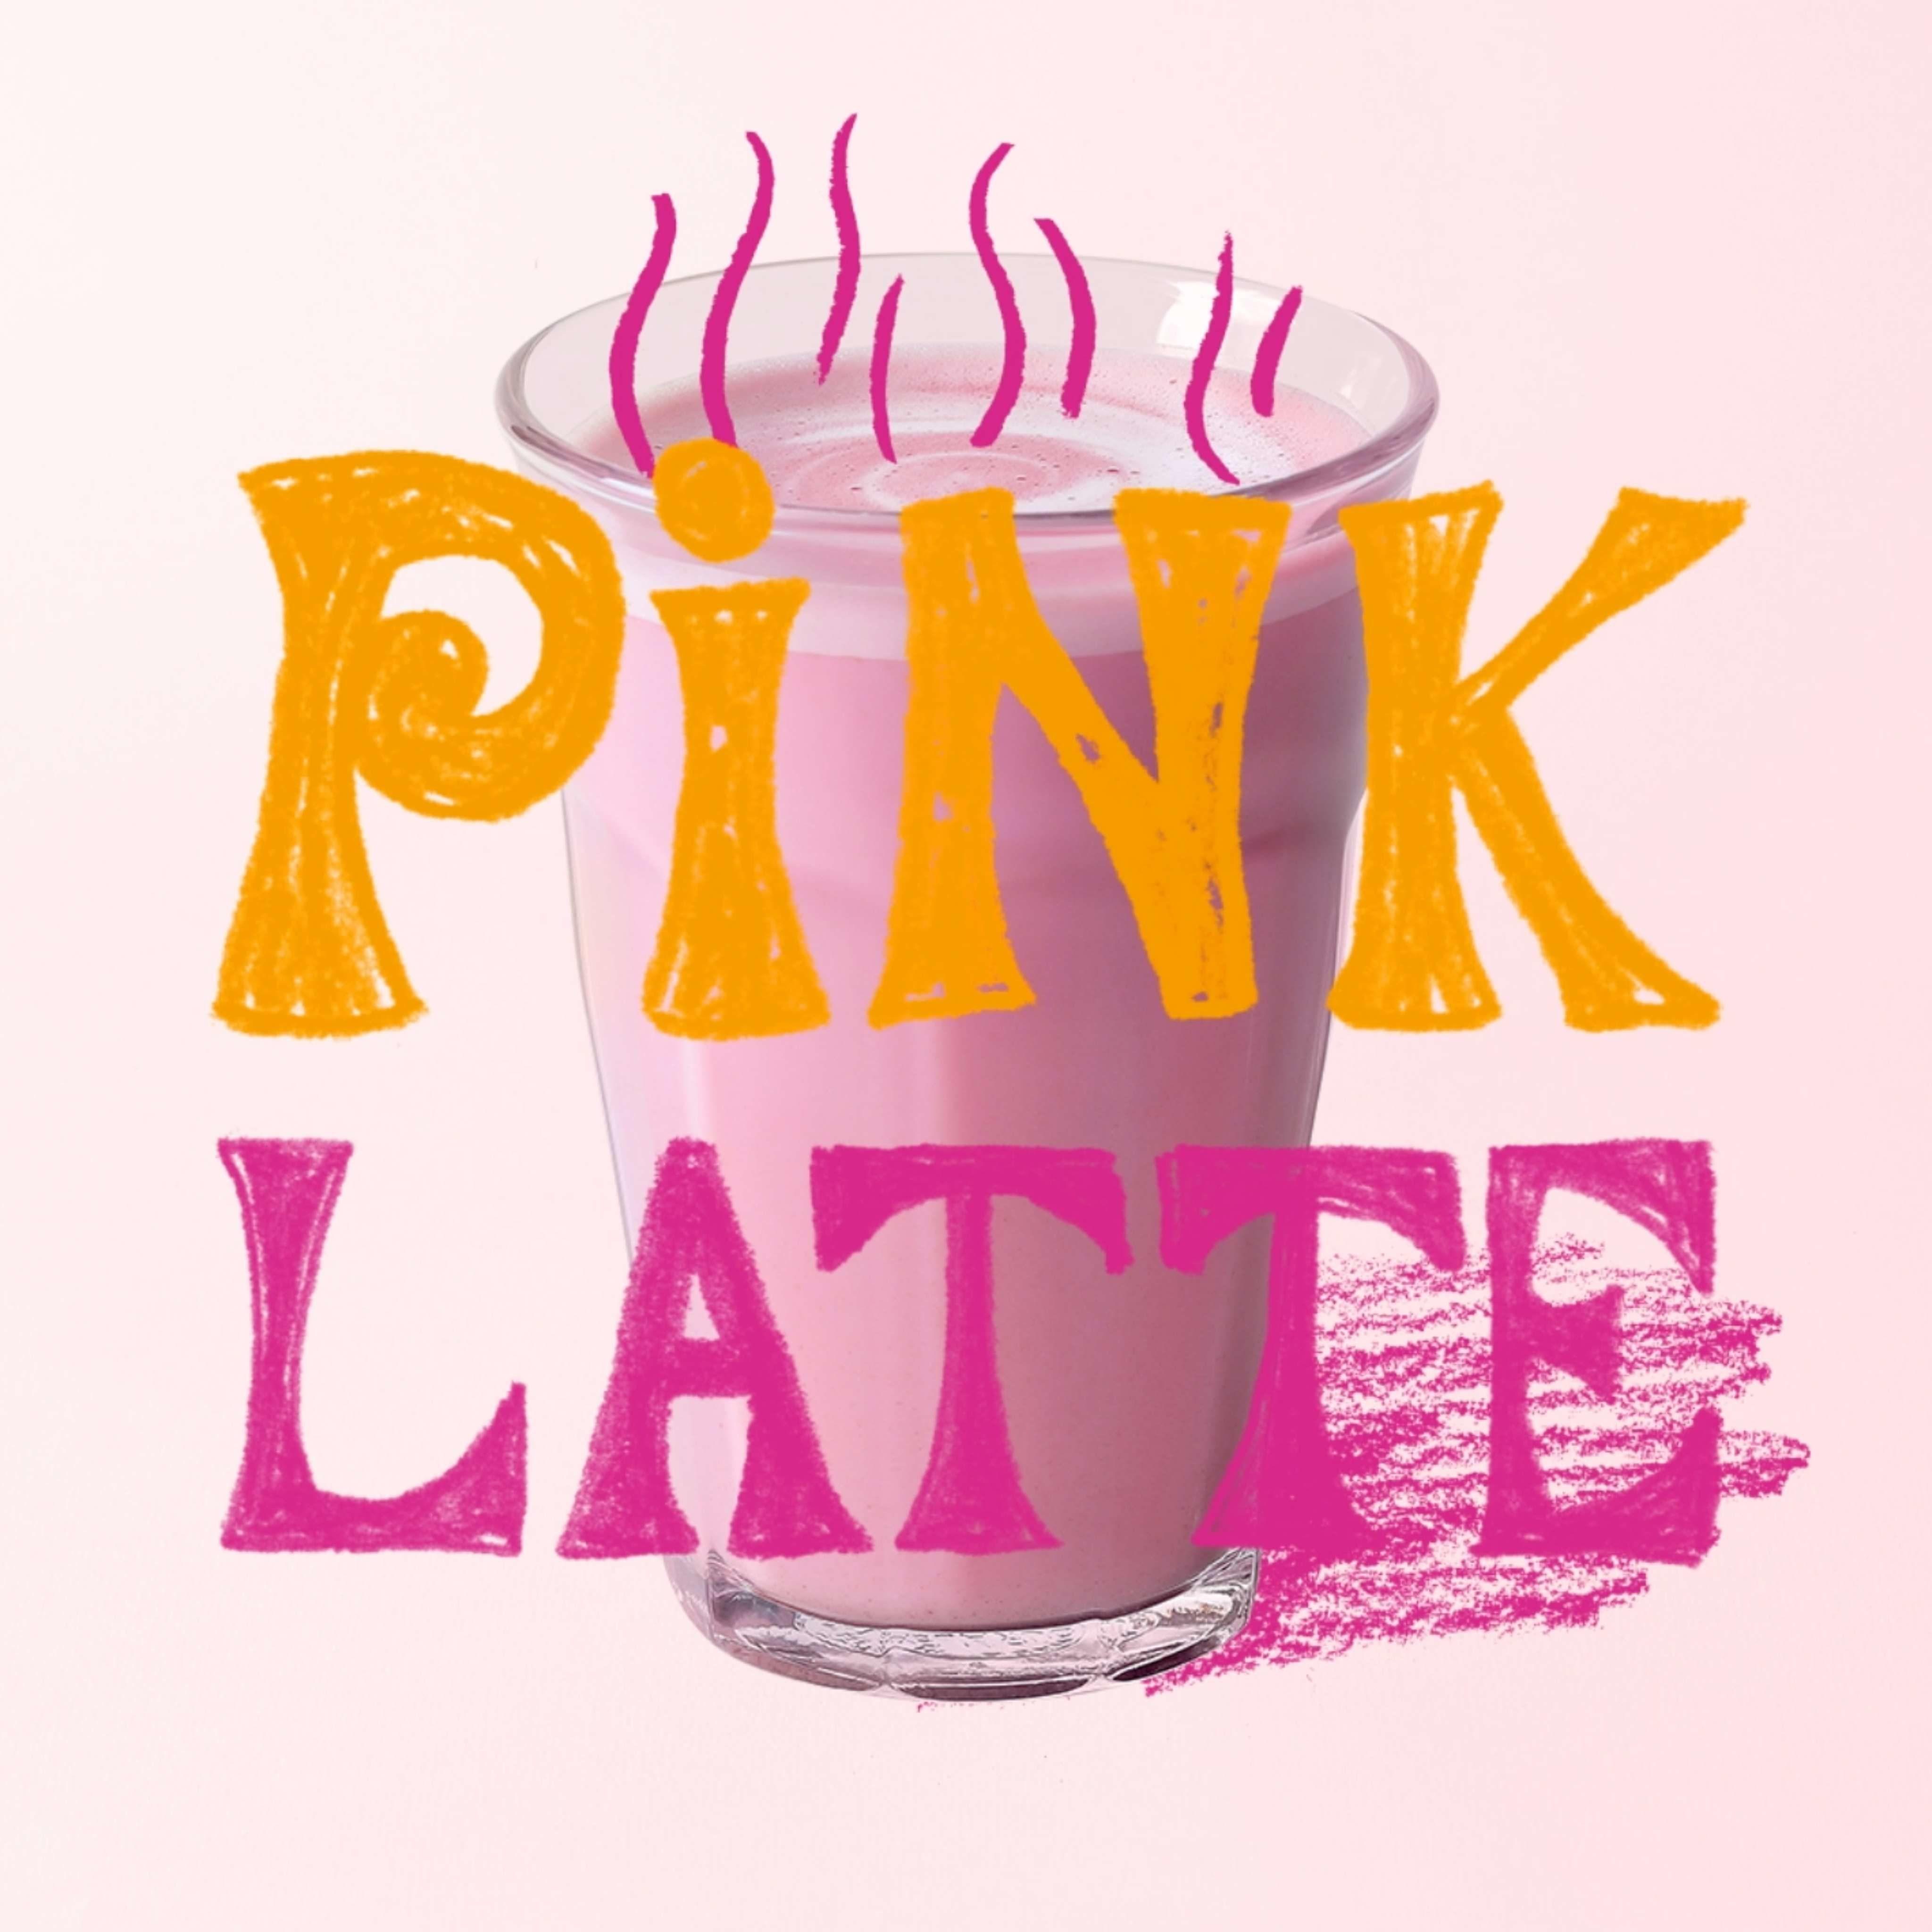 LE PINK LATTE